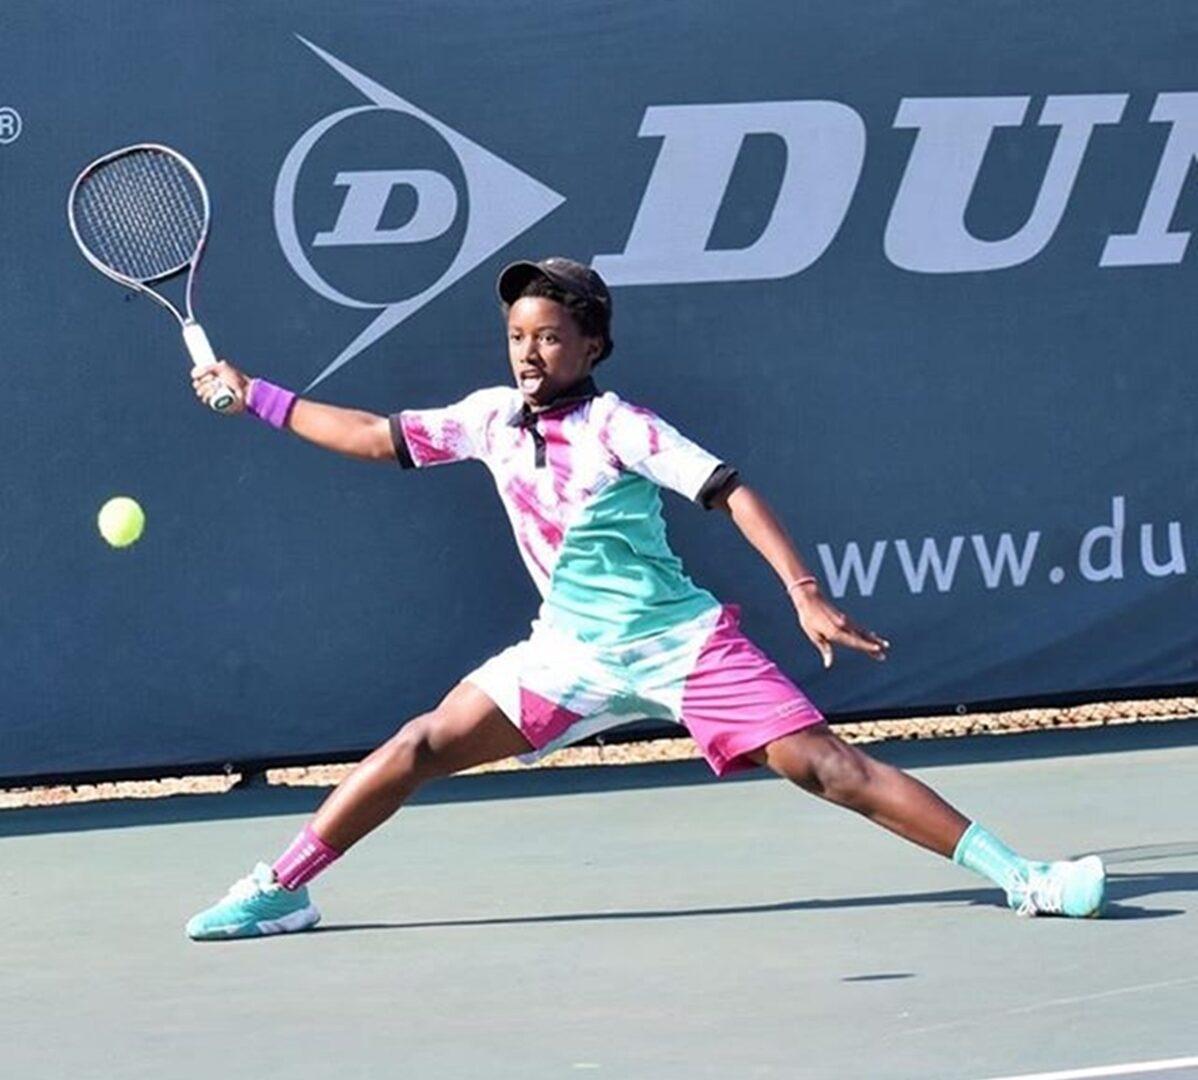 Montsi, Klopper draw for Junior Australian Open revealed